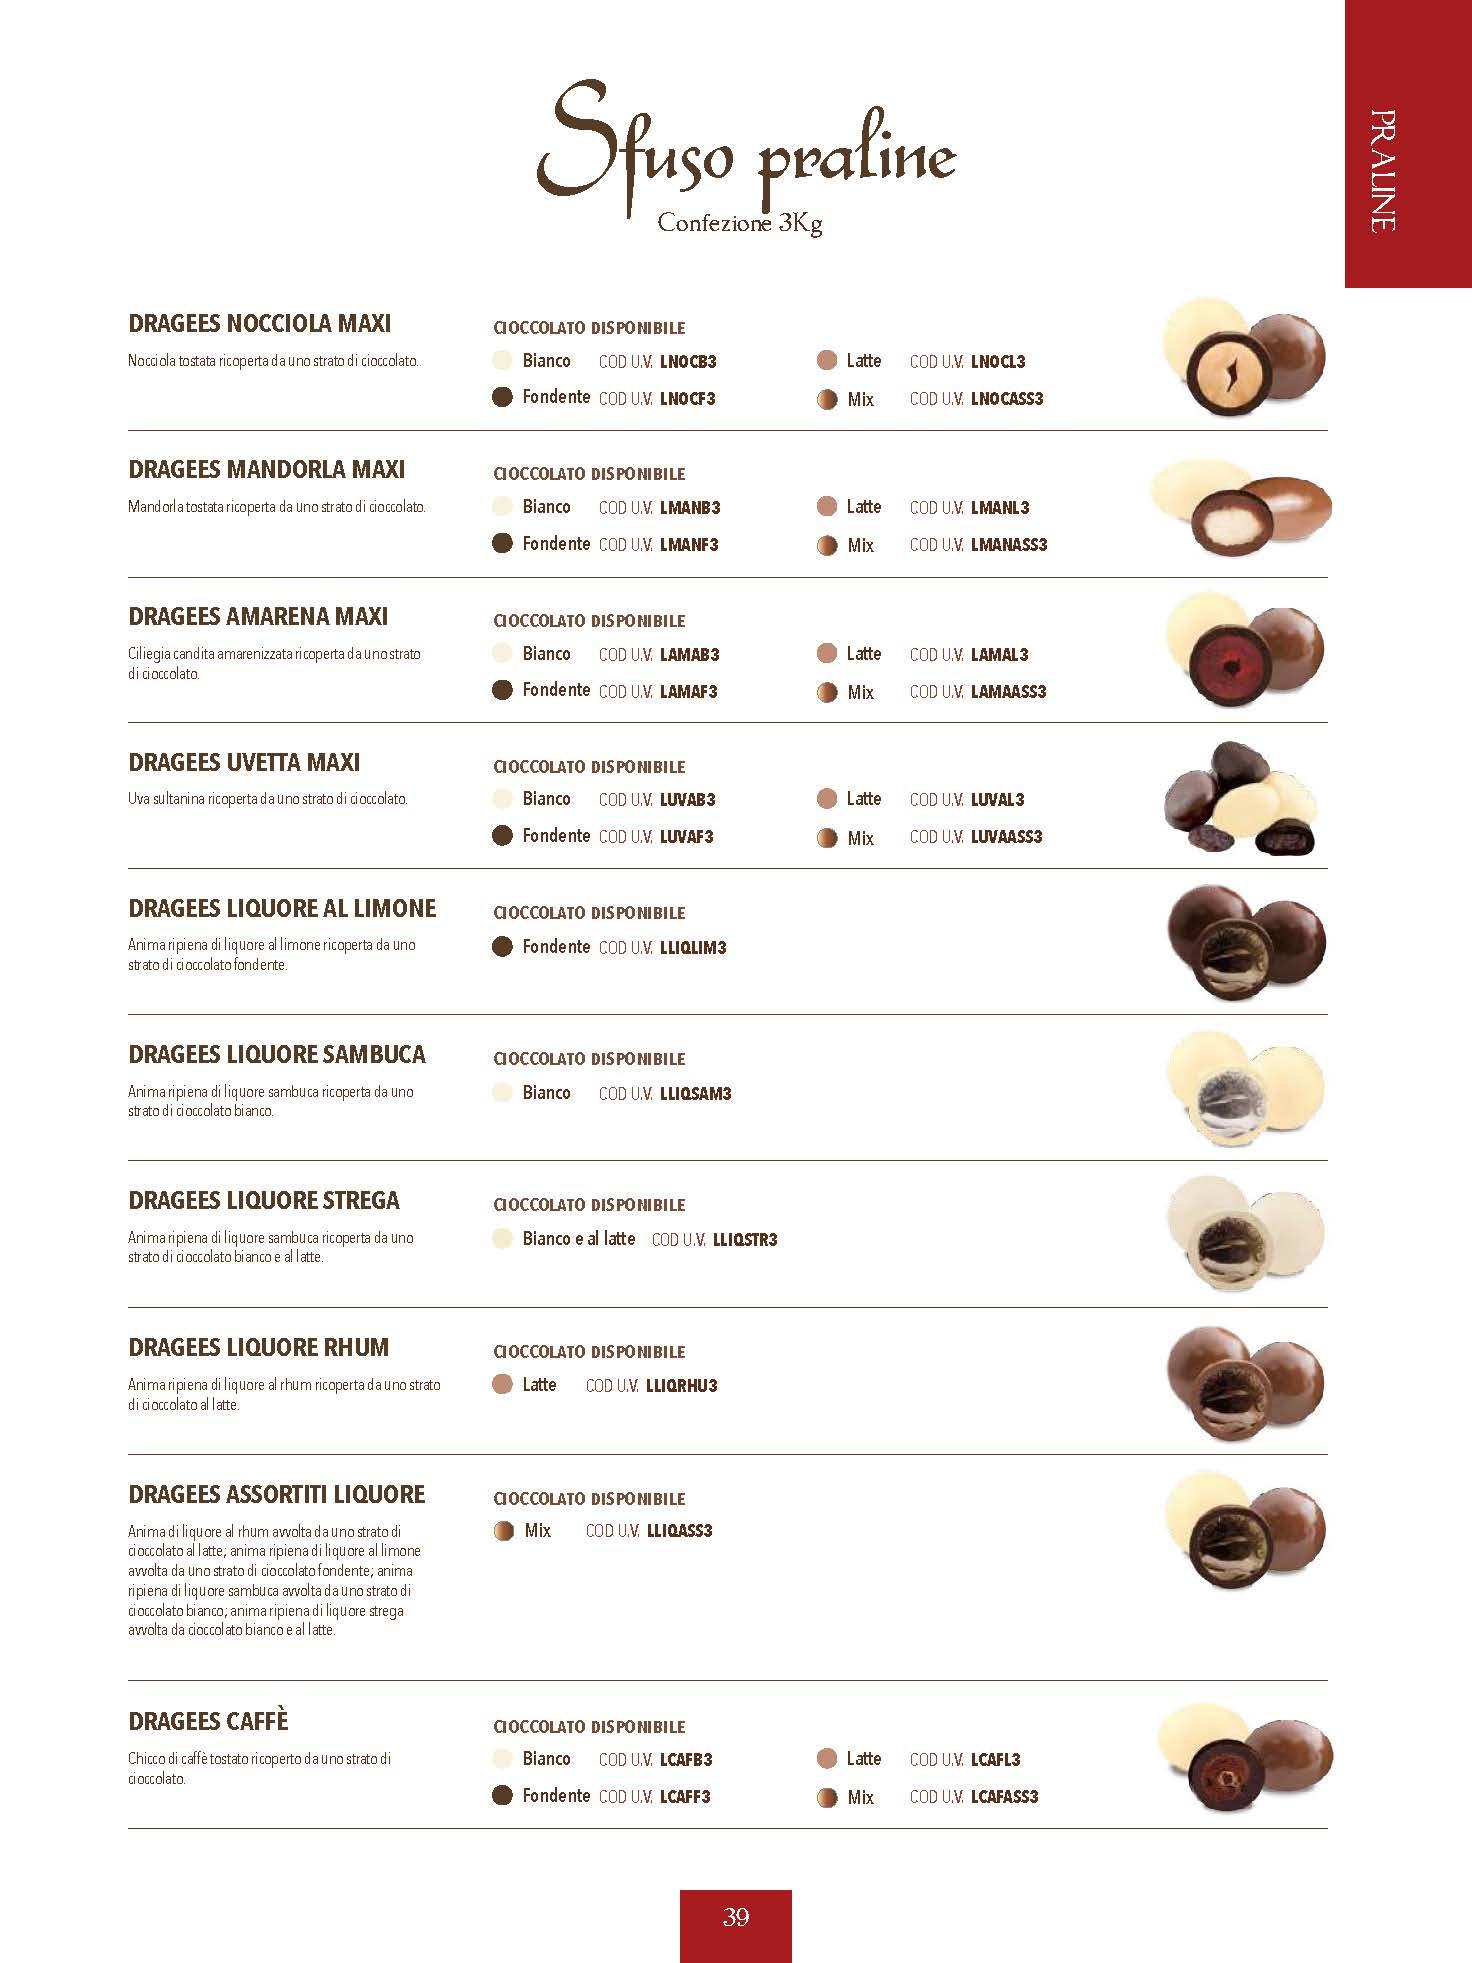 CatalogoCioccolato2019_web_Pagina_40